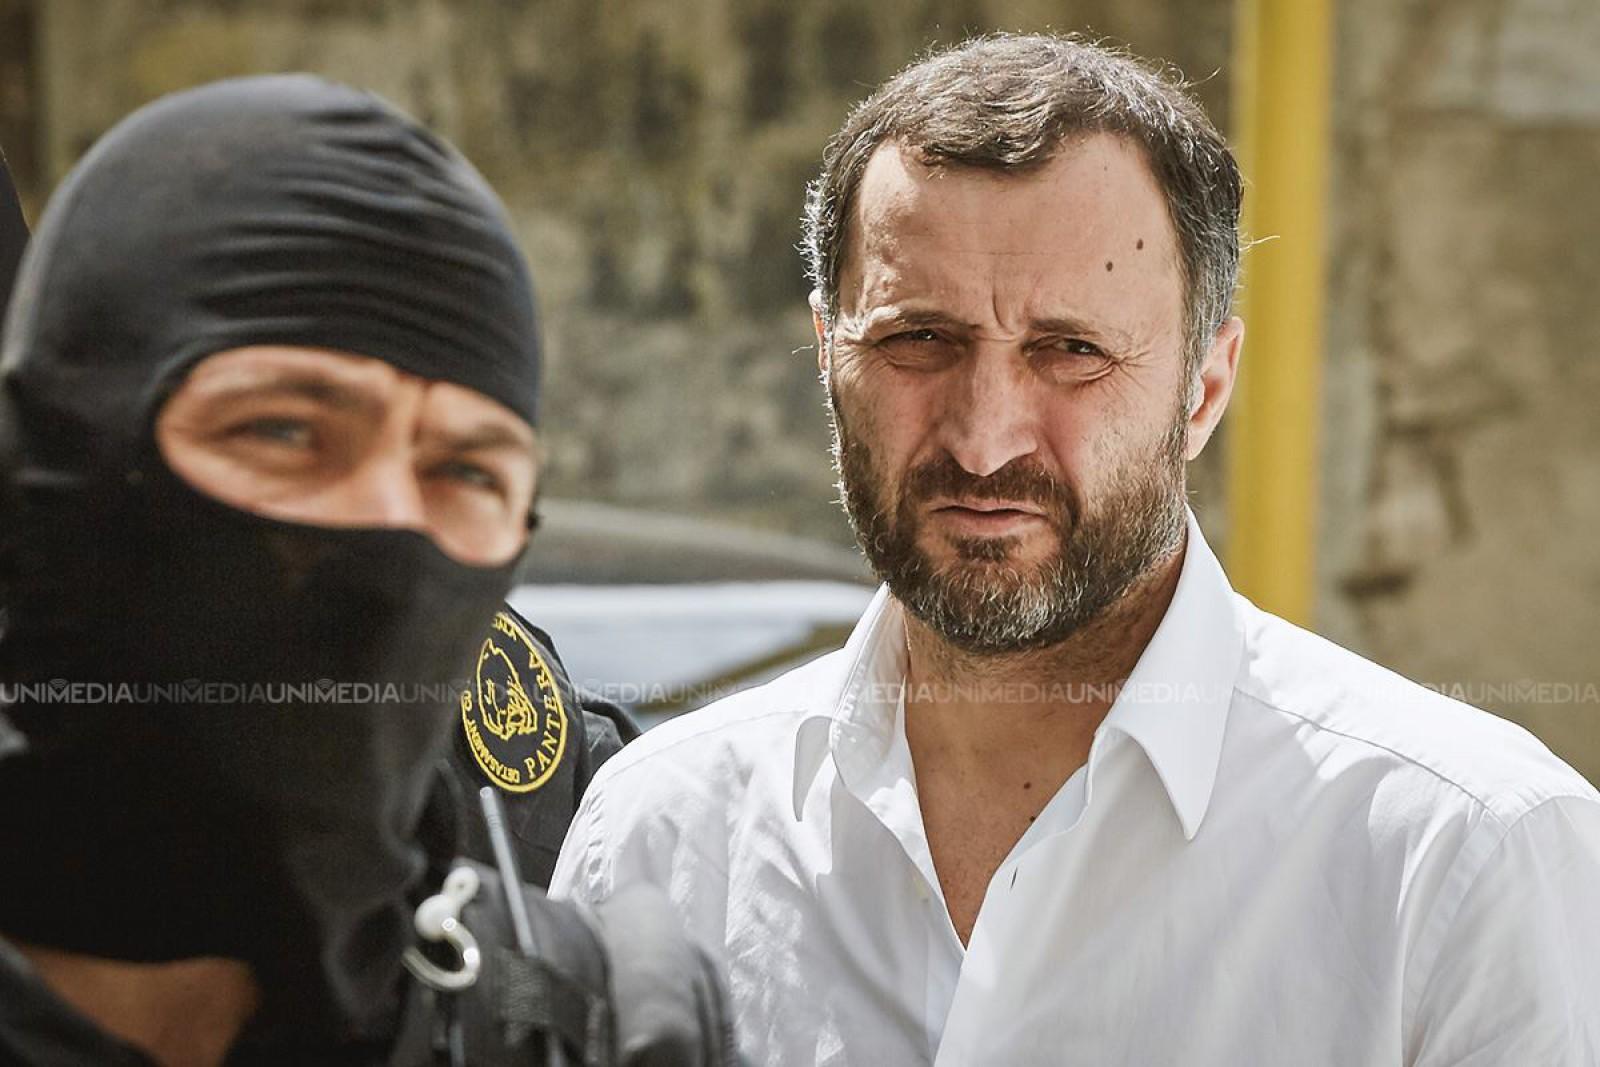 """Valeriu Streleț, despre situația în care a ajuns Vlad Filat: """"Nu trebuia să depăşească anumite linii roşii sfinte"""""""